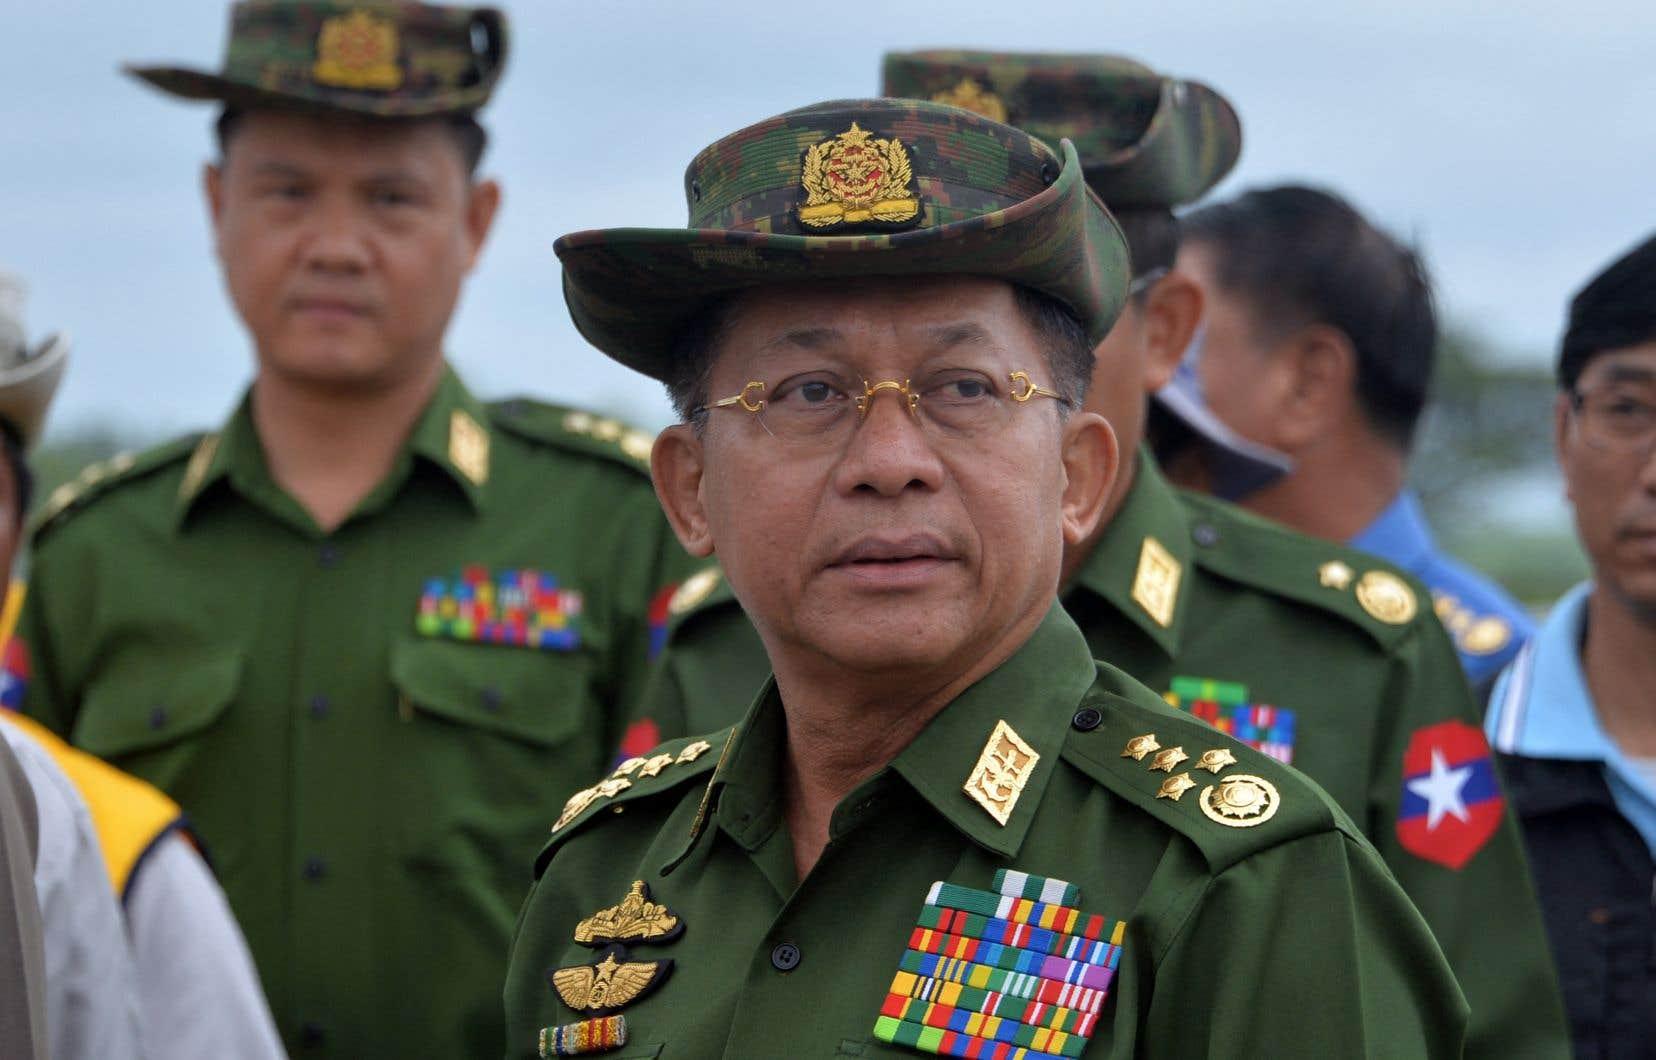 Le principe de ces nouvelles sanctions avait été décidé le 22 mars, lorsque les ministres européens ont sanctionné onze personnes, dont le chef de la junte, le général Min Aung Hlaing.